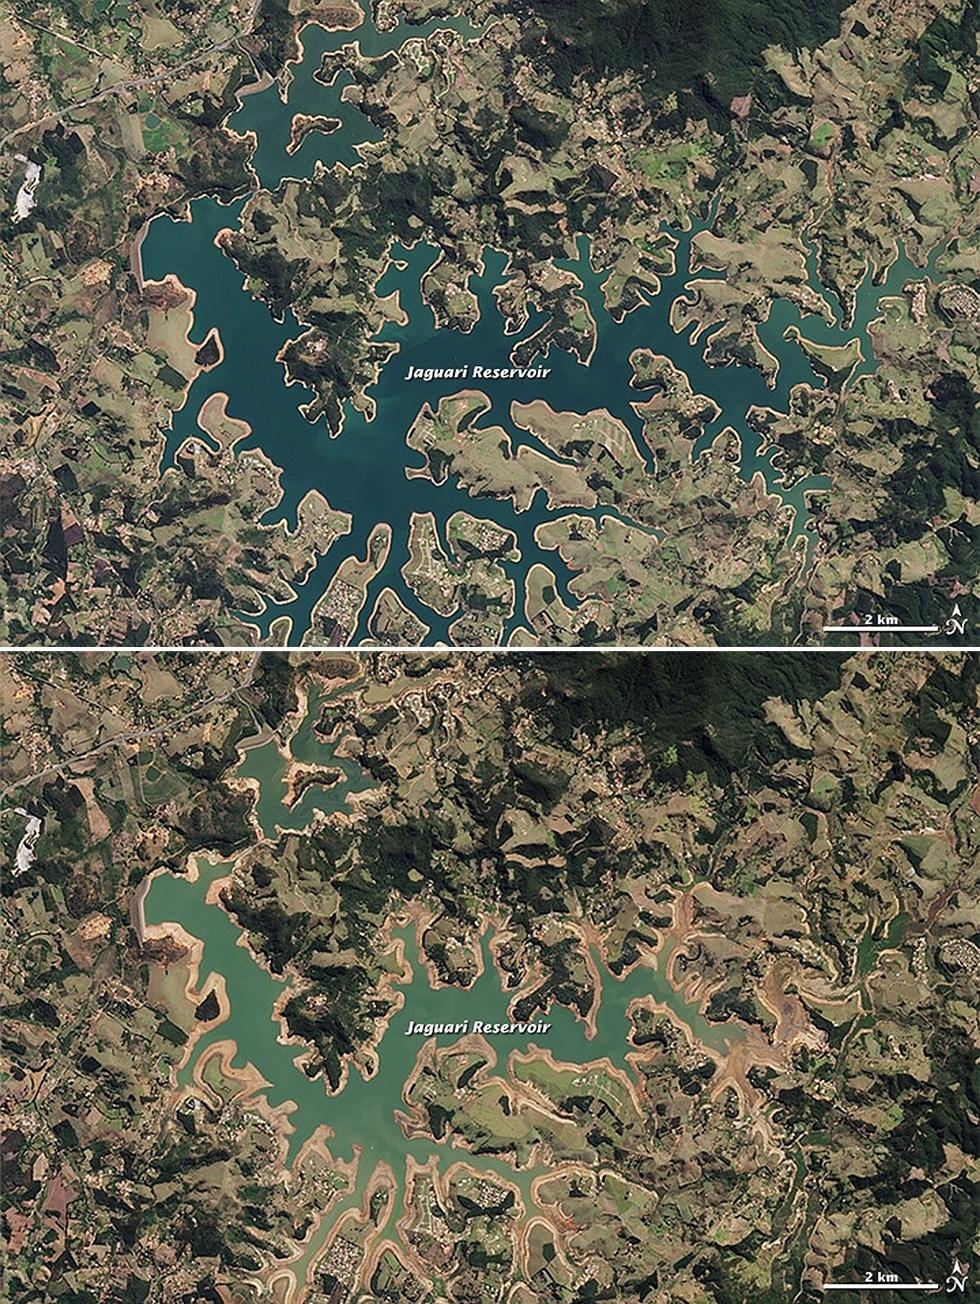 23.out.2014 - Imagens feitas pelo satélite Lansat 8 e divulgadas pela Nasa (agência espacial americana) mostram os efeitos da seca na represa Jaguari, que abastece o sistema Cantareira. Na imagem do alto, feita em 16 de agosto de 2013, pode-se ver maior área ocupada pelas águas, enquanto a mais recente, em 3 de agosto de 2014 e abaixo, deixa evidente o recesso das águas